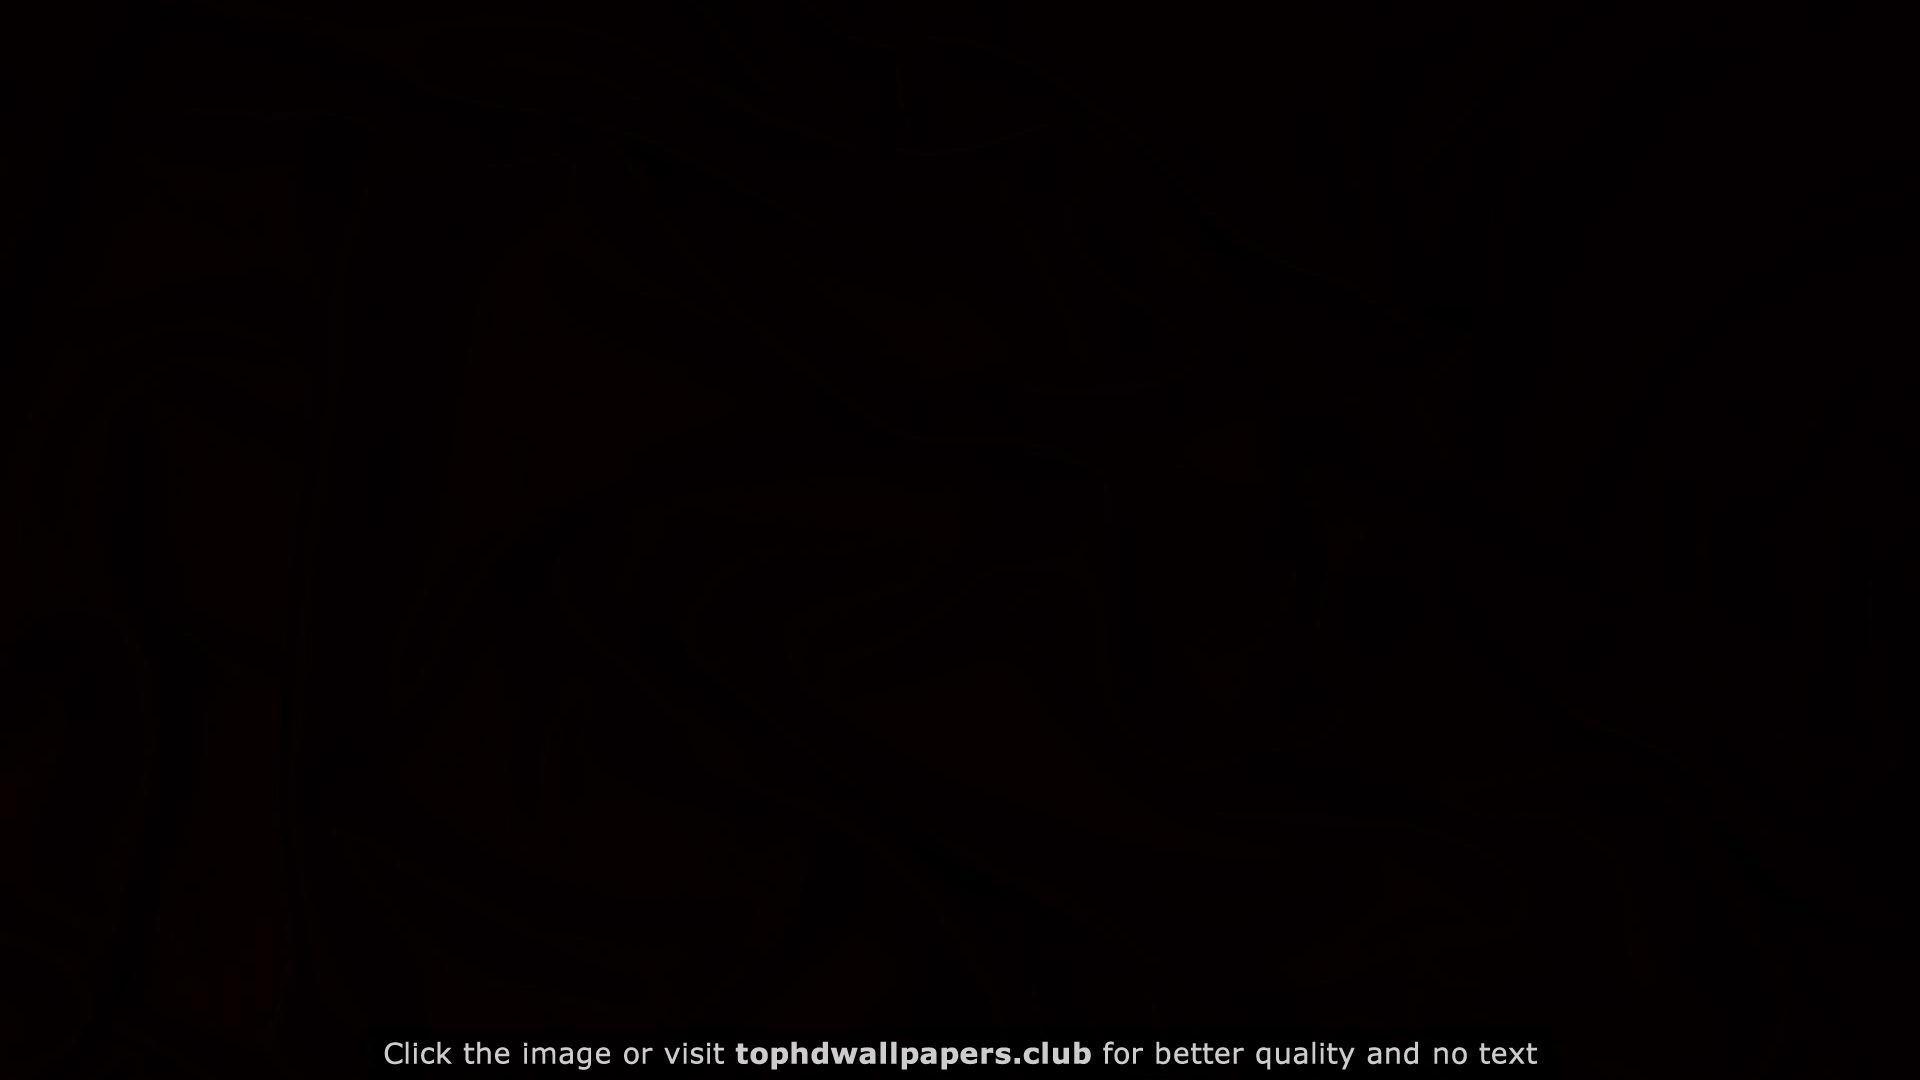 4k Black Wallpaper 57 Images